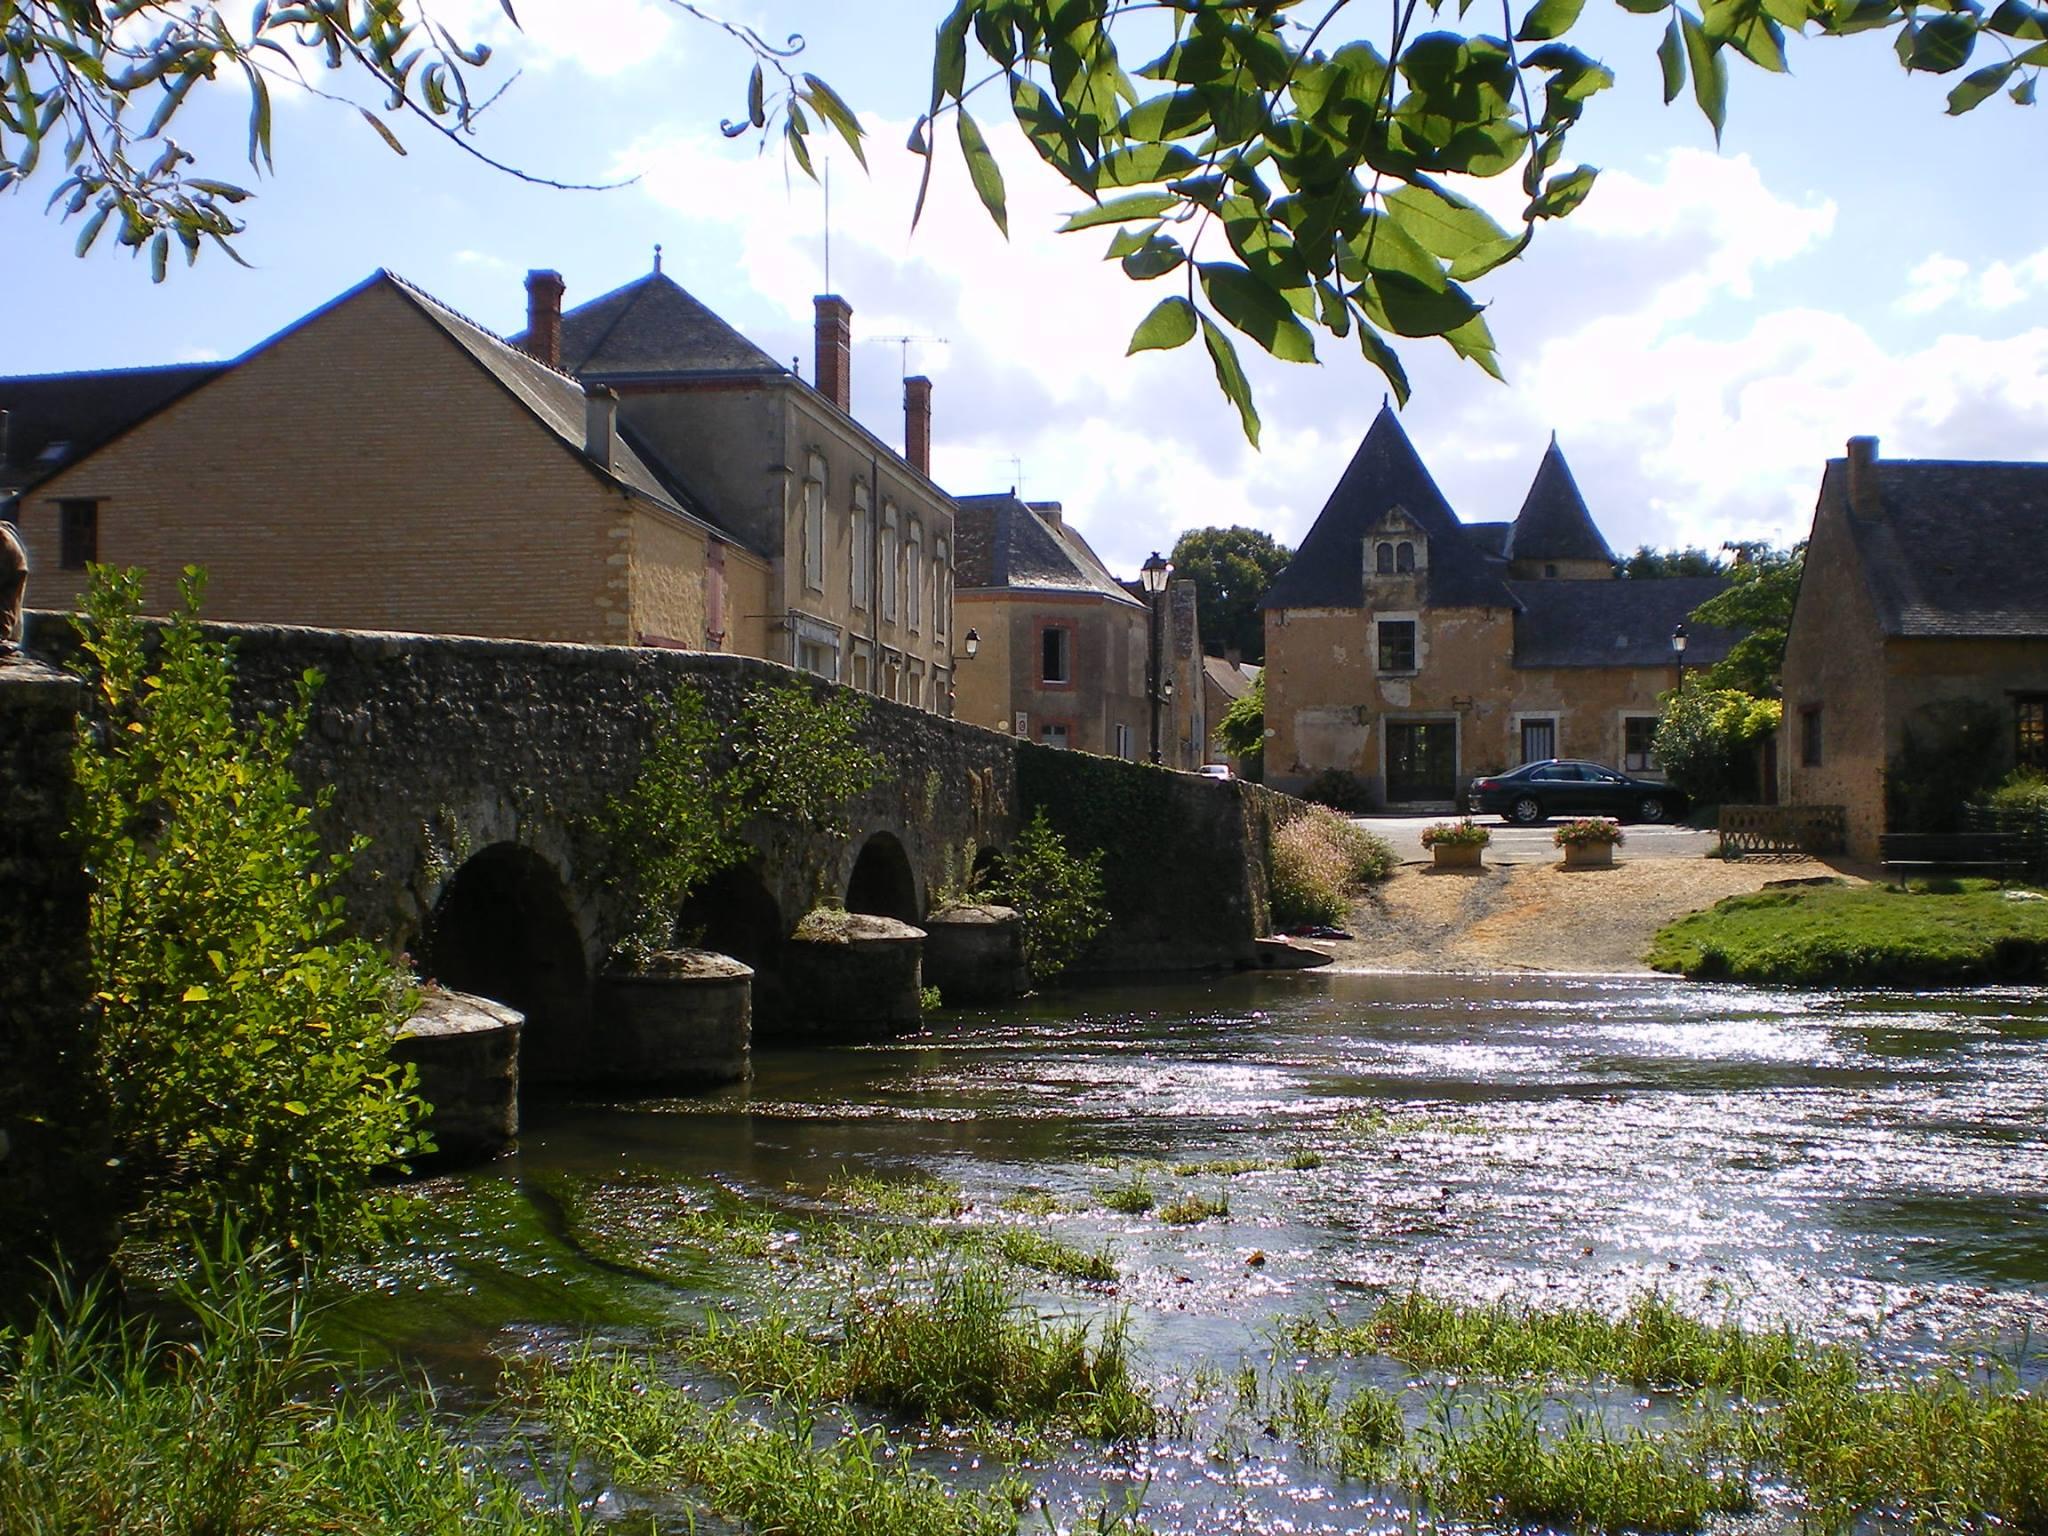 Asnières sur Vègre - Le pont sur la Vègre (forcément) - Un ancien pont médiéval reconstruit au début du XIXème siècle (Philippe Gondard)